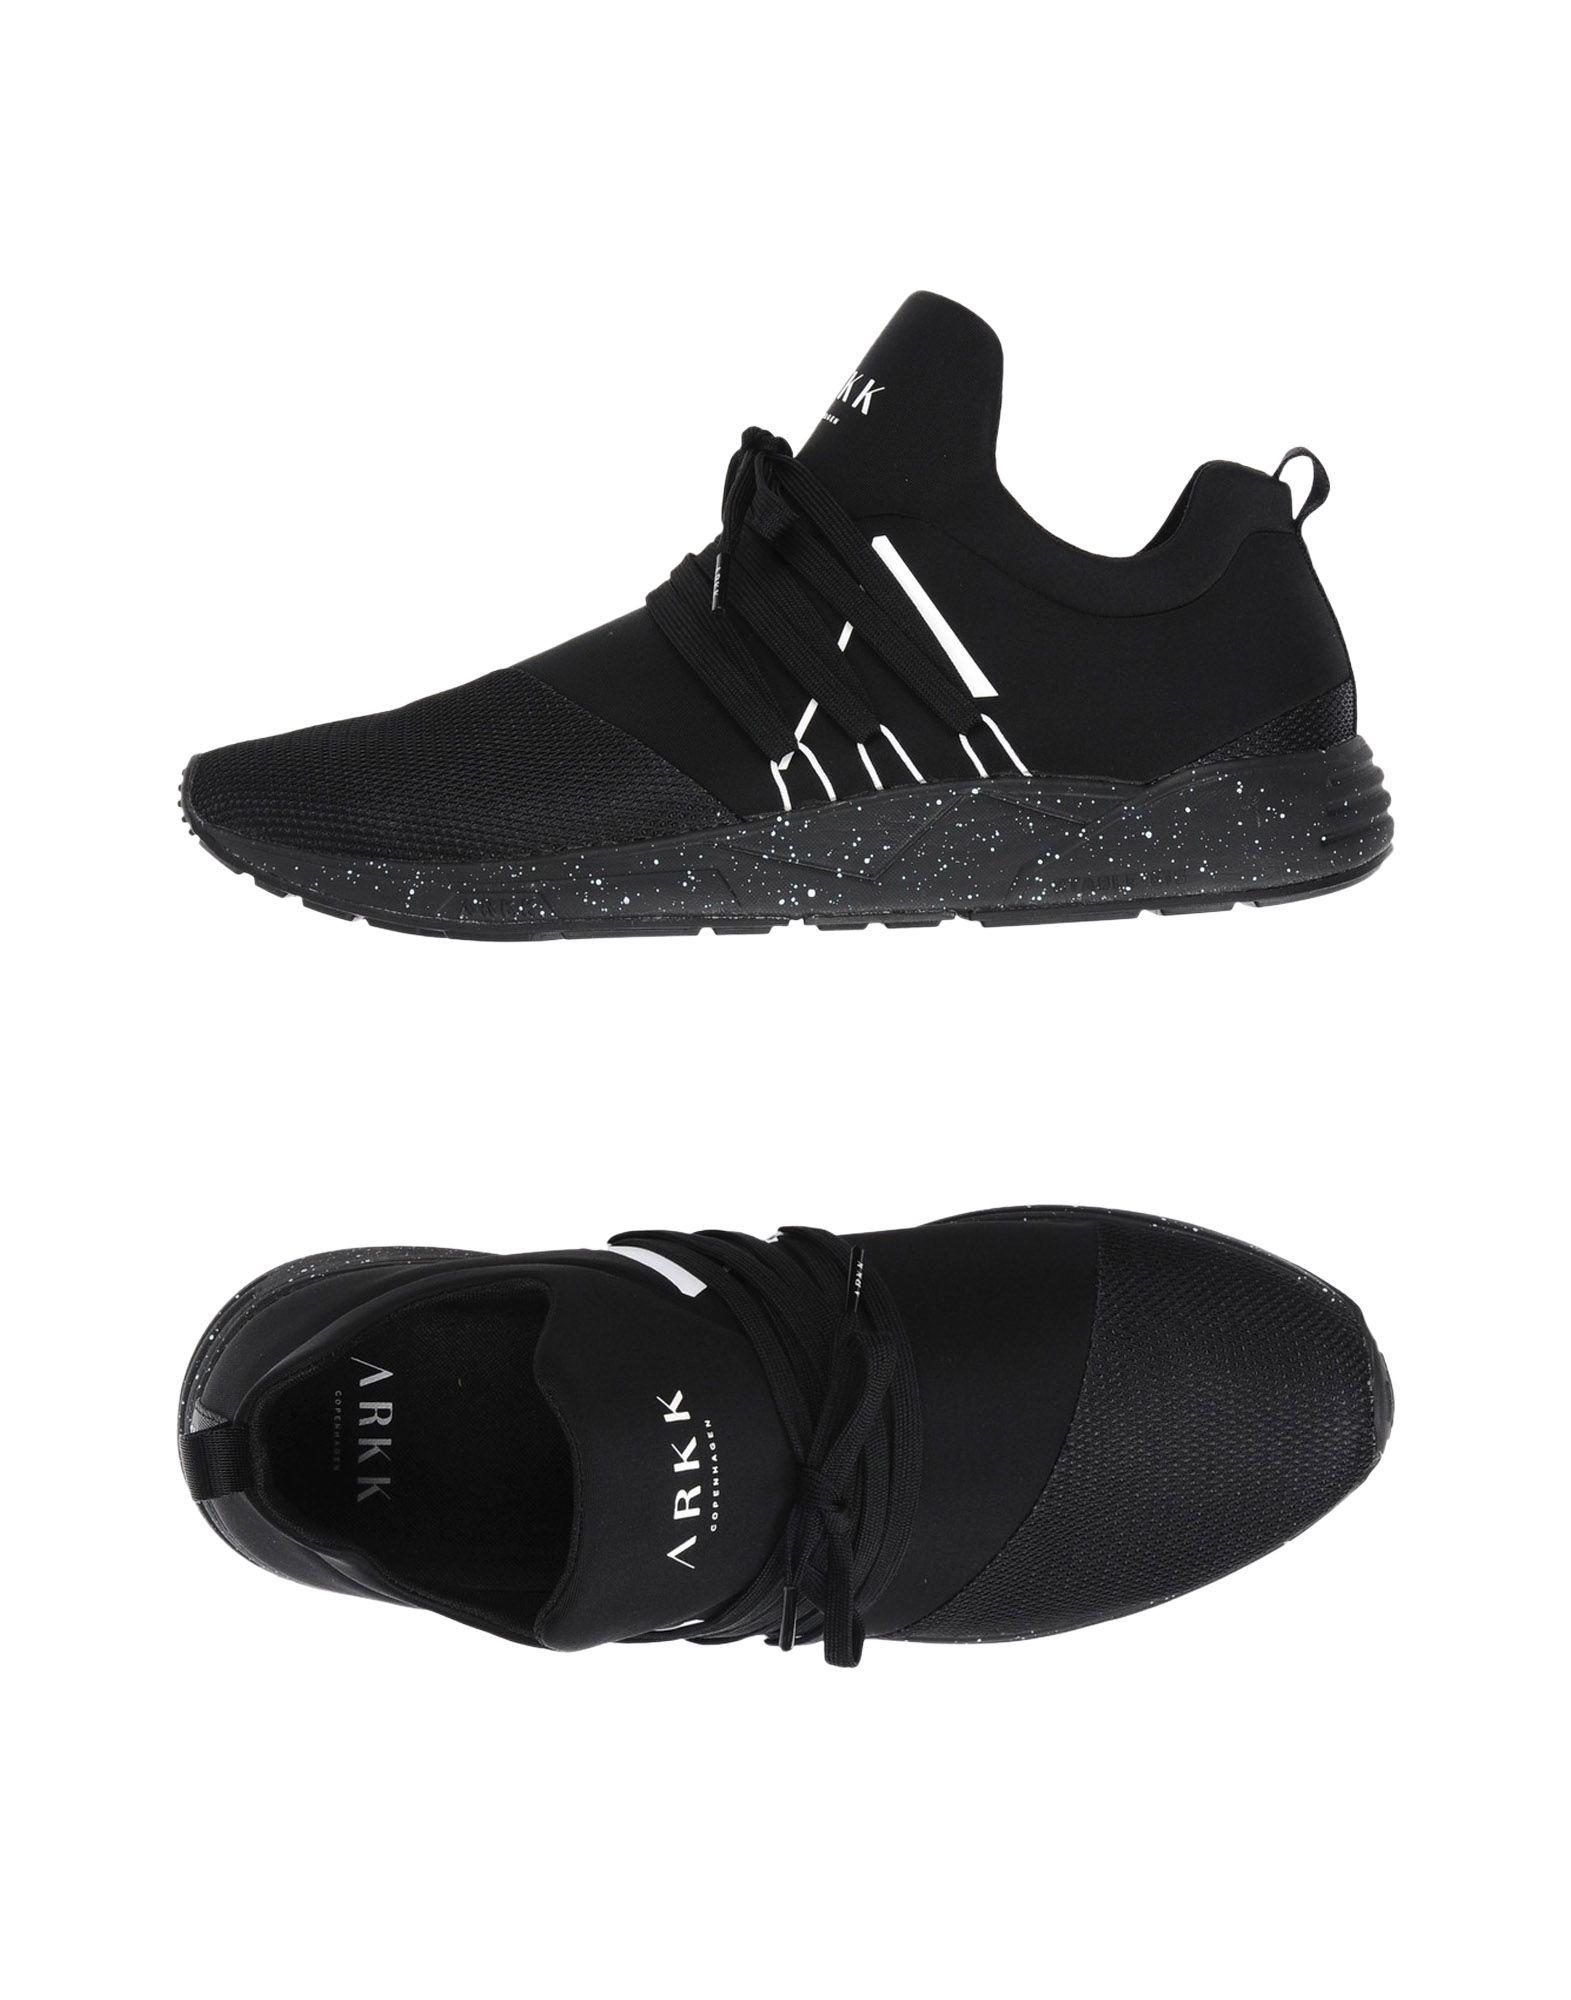 Sneakers Arkk Copenhagen Raven Mesh S-E15 Black White Spray - Uomo - 11449817JT